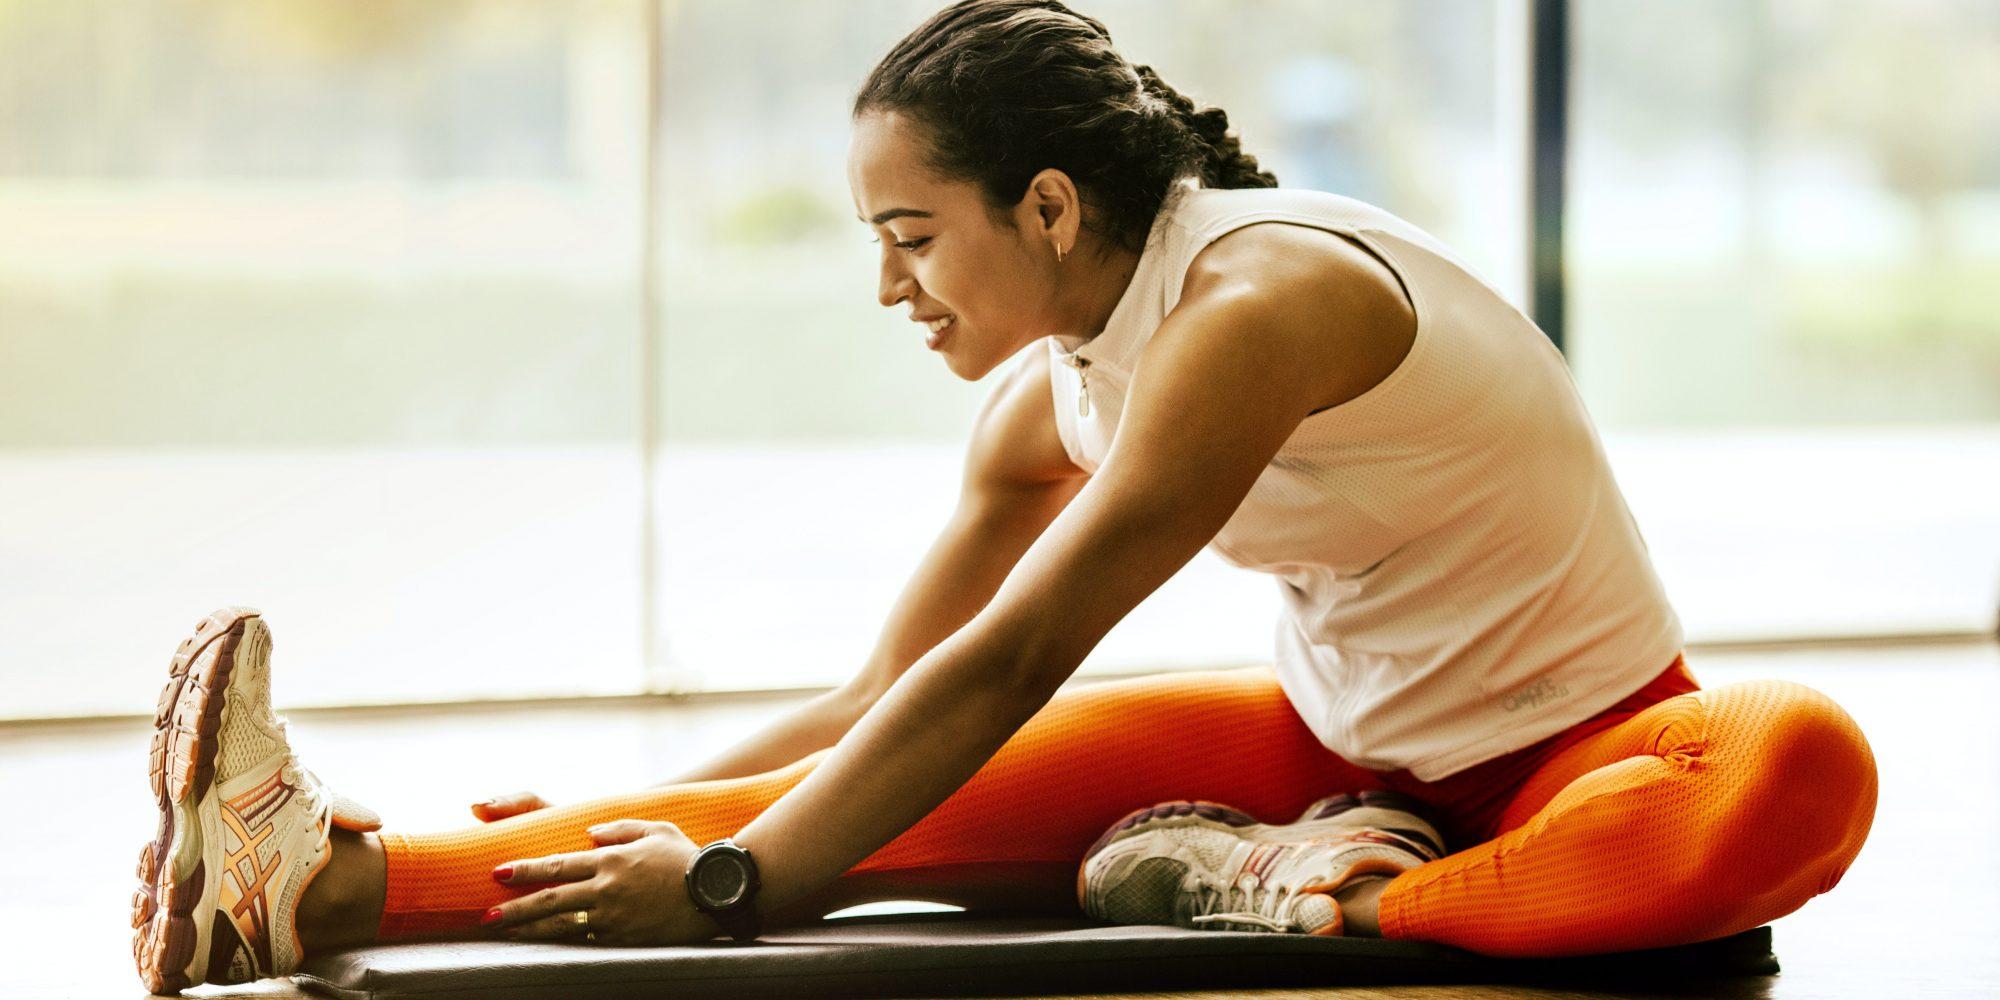 4 αιτίες που η άσκηση σου φαίνεται δυσκολότερη σήμερα Σέρνεσαι σήμερα στην προπόνηση; Δεν μπορείς να τρέξεις ούτε 500 μέτρα; Μάθε που οφείλεται η κούραση σου.